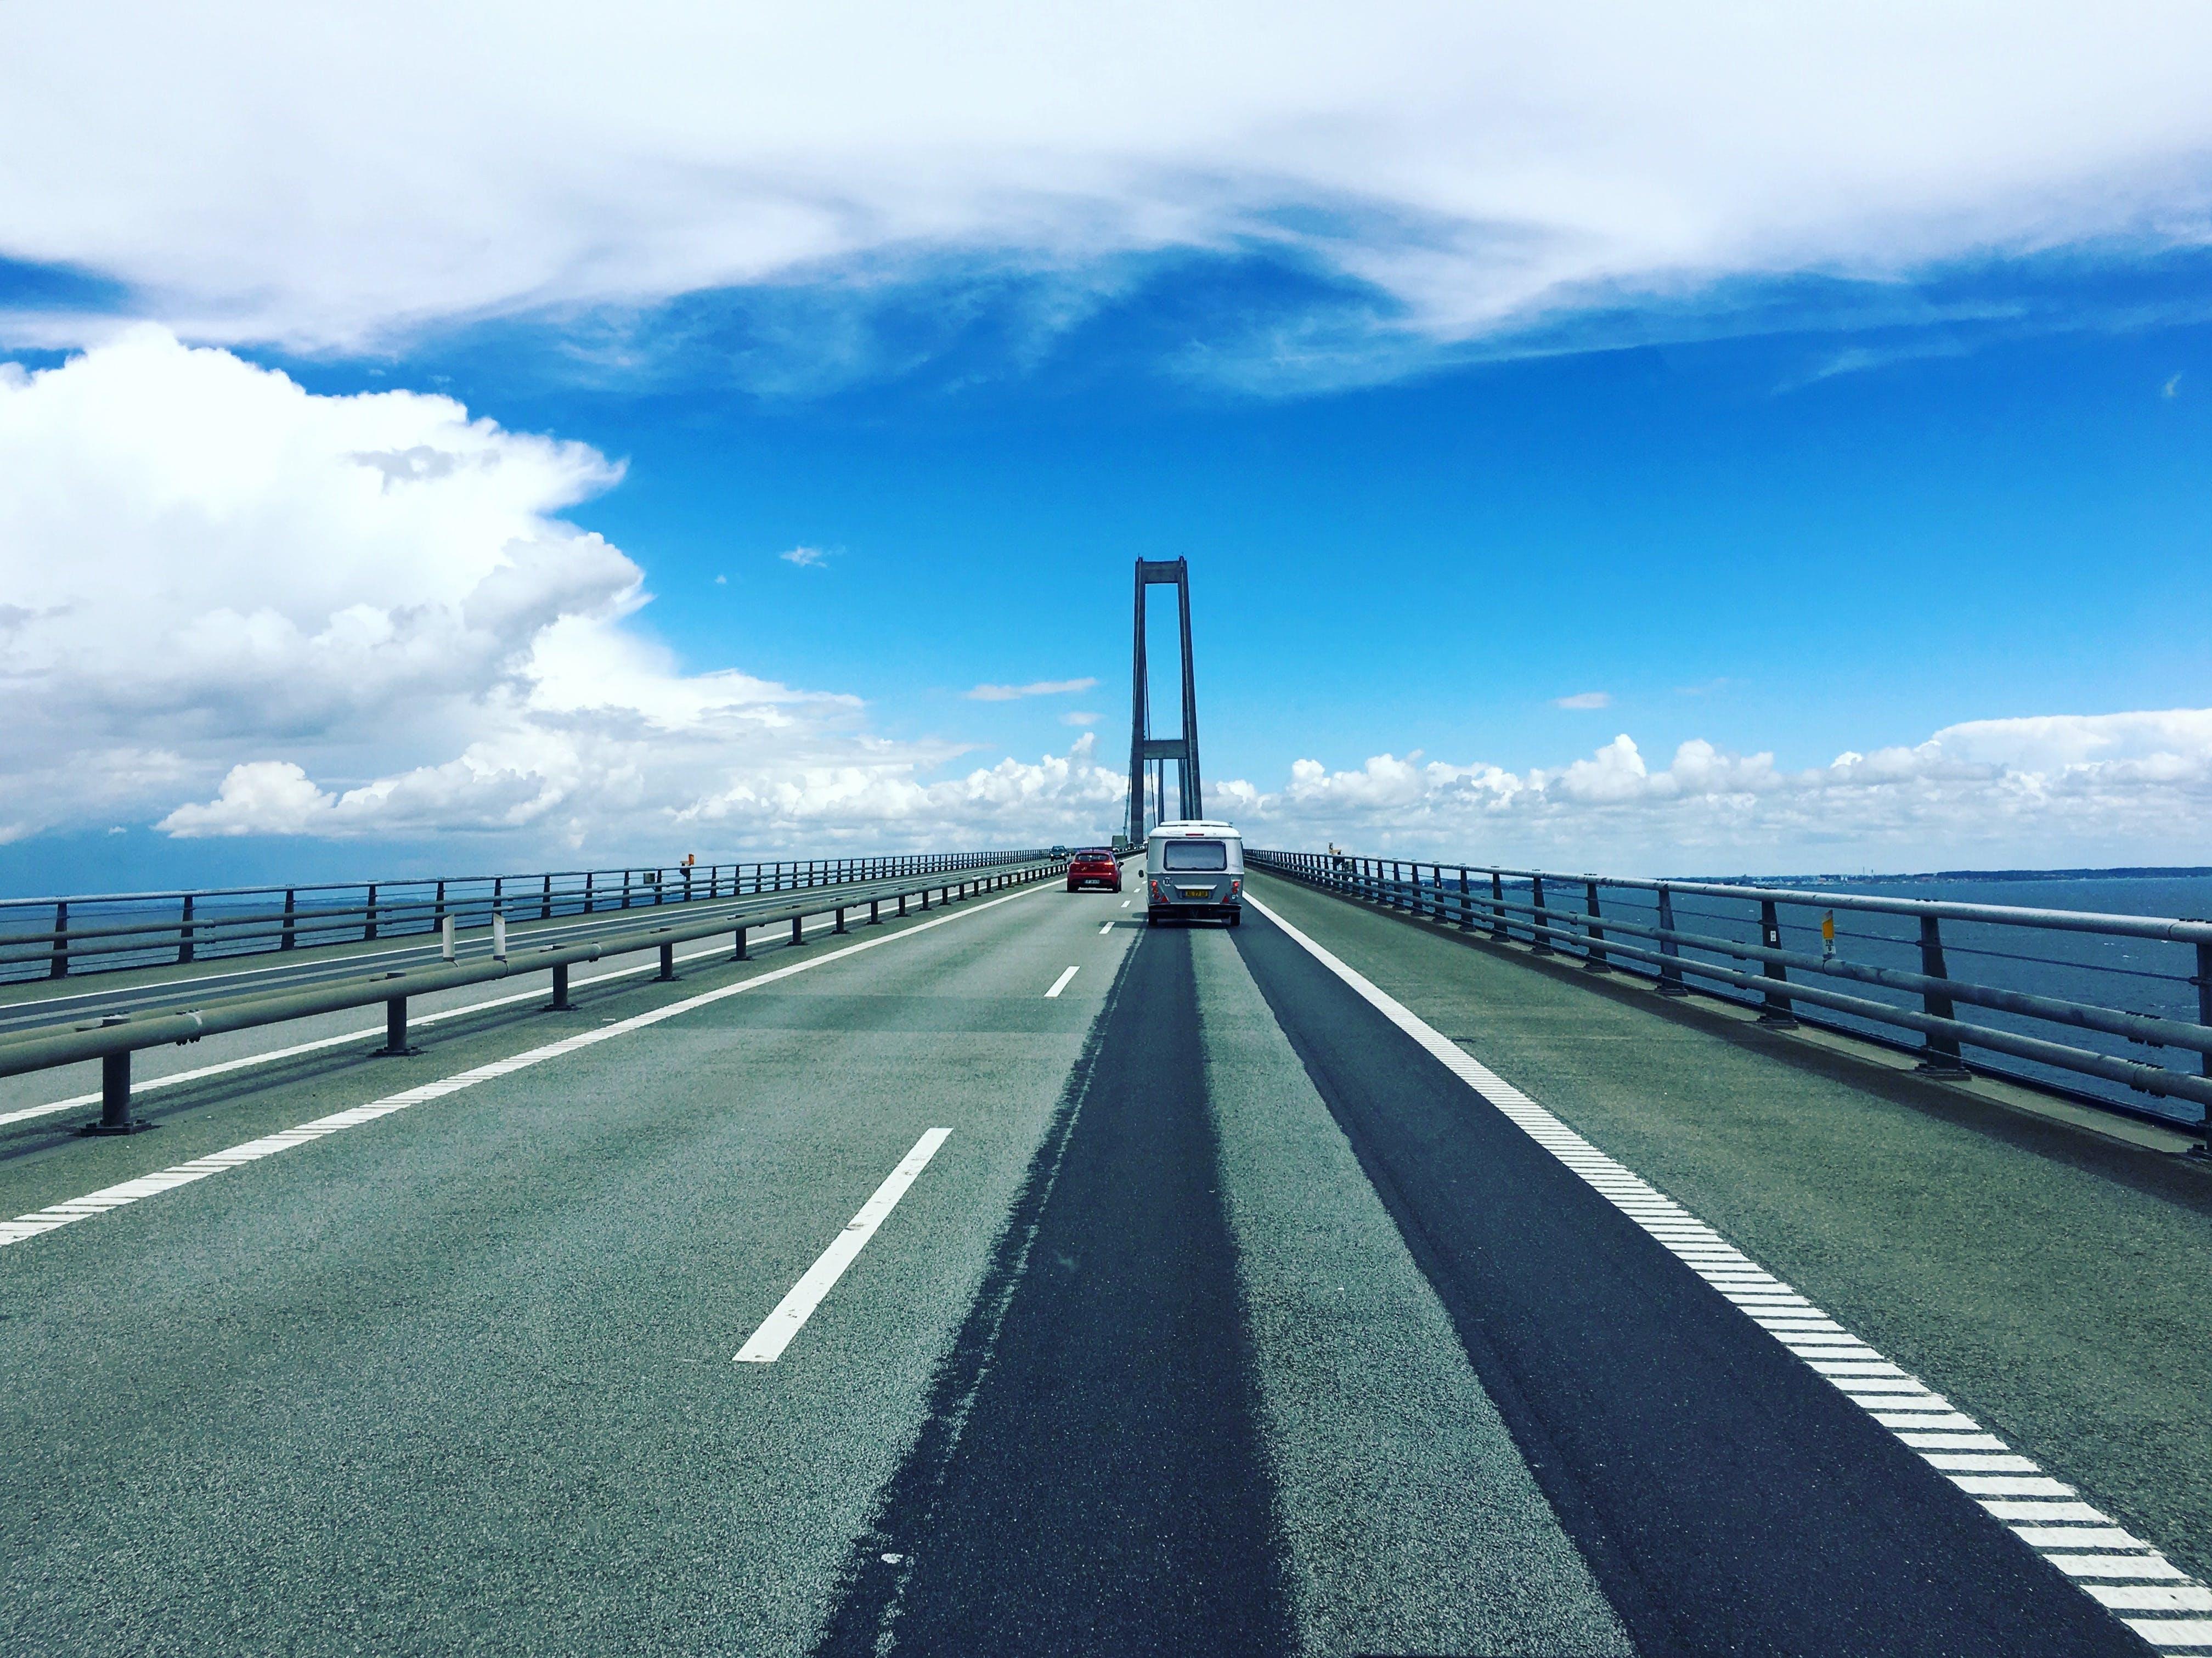 asphalt, bridge, cars